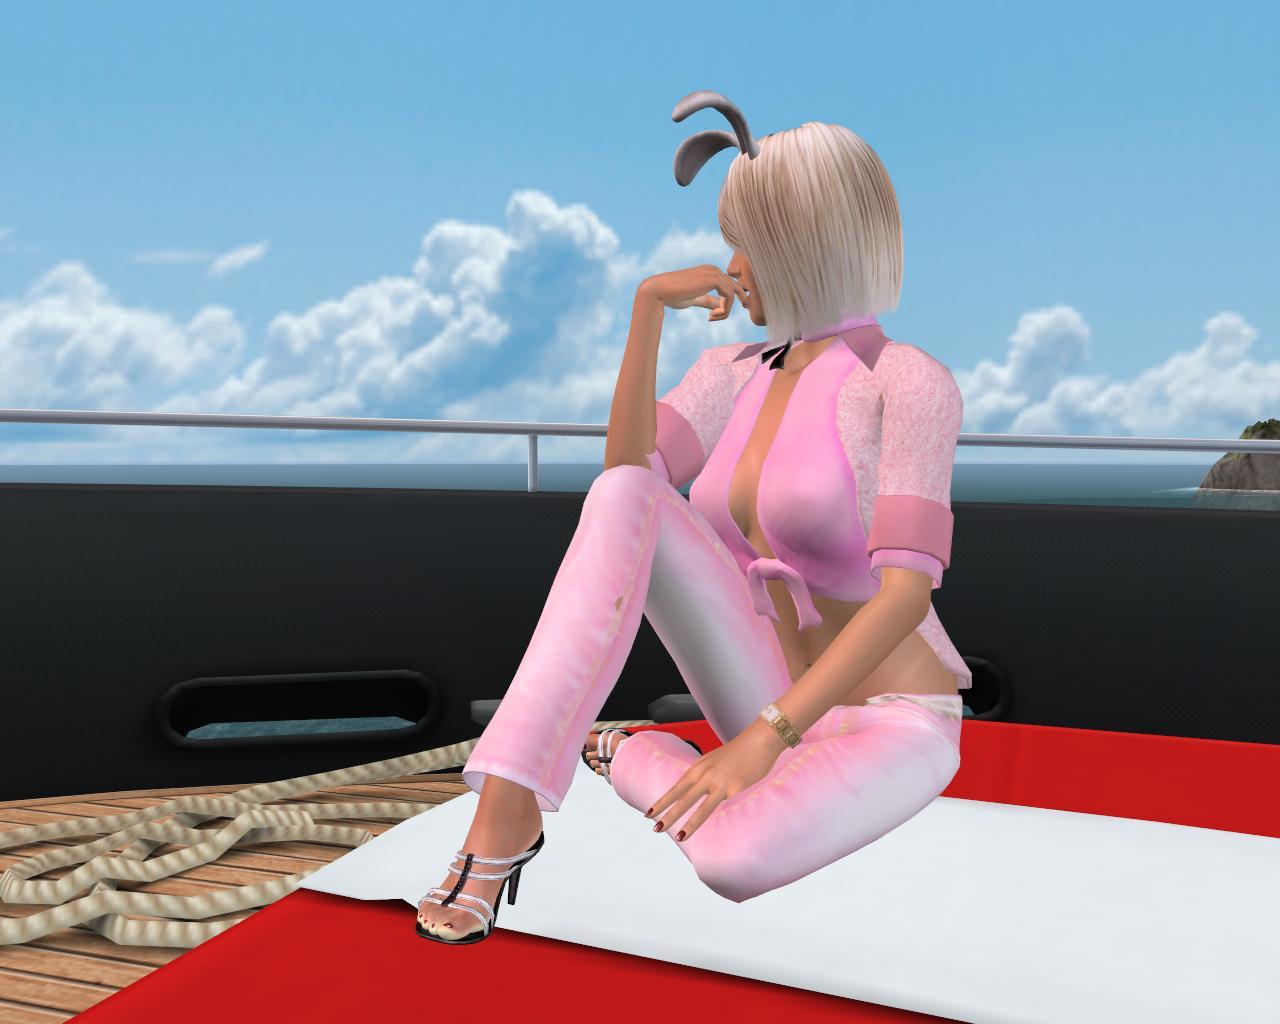 3d sex villa k17 mod v6 3 0 симулятор секса thrixxx 2011 eng